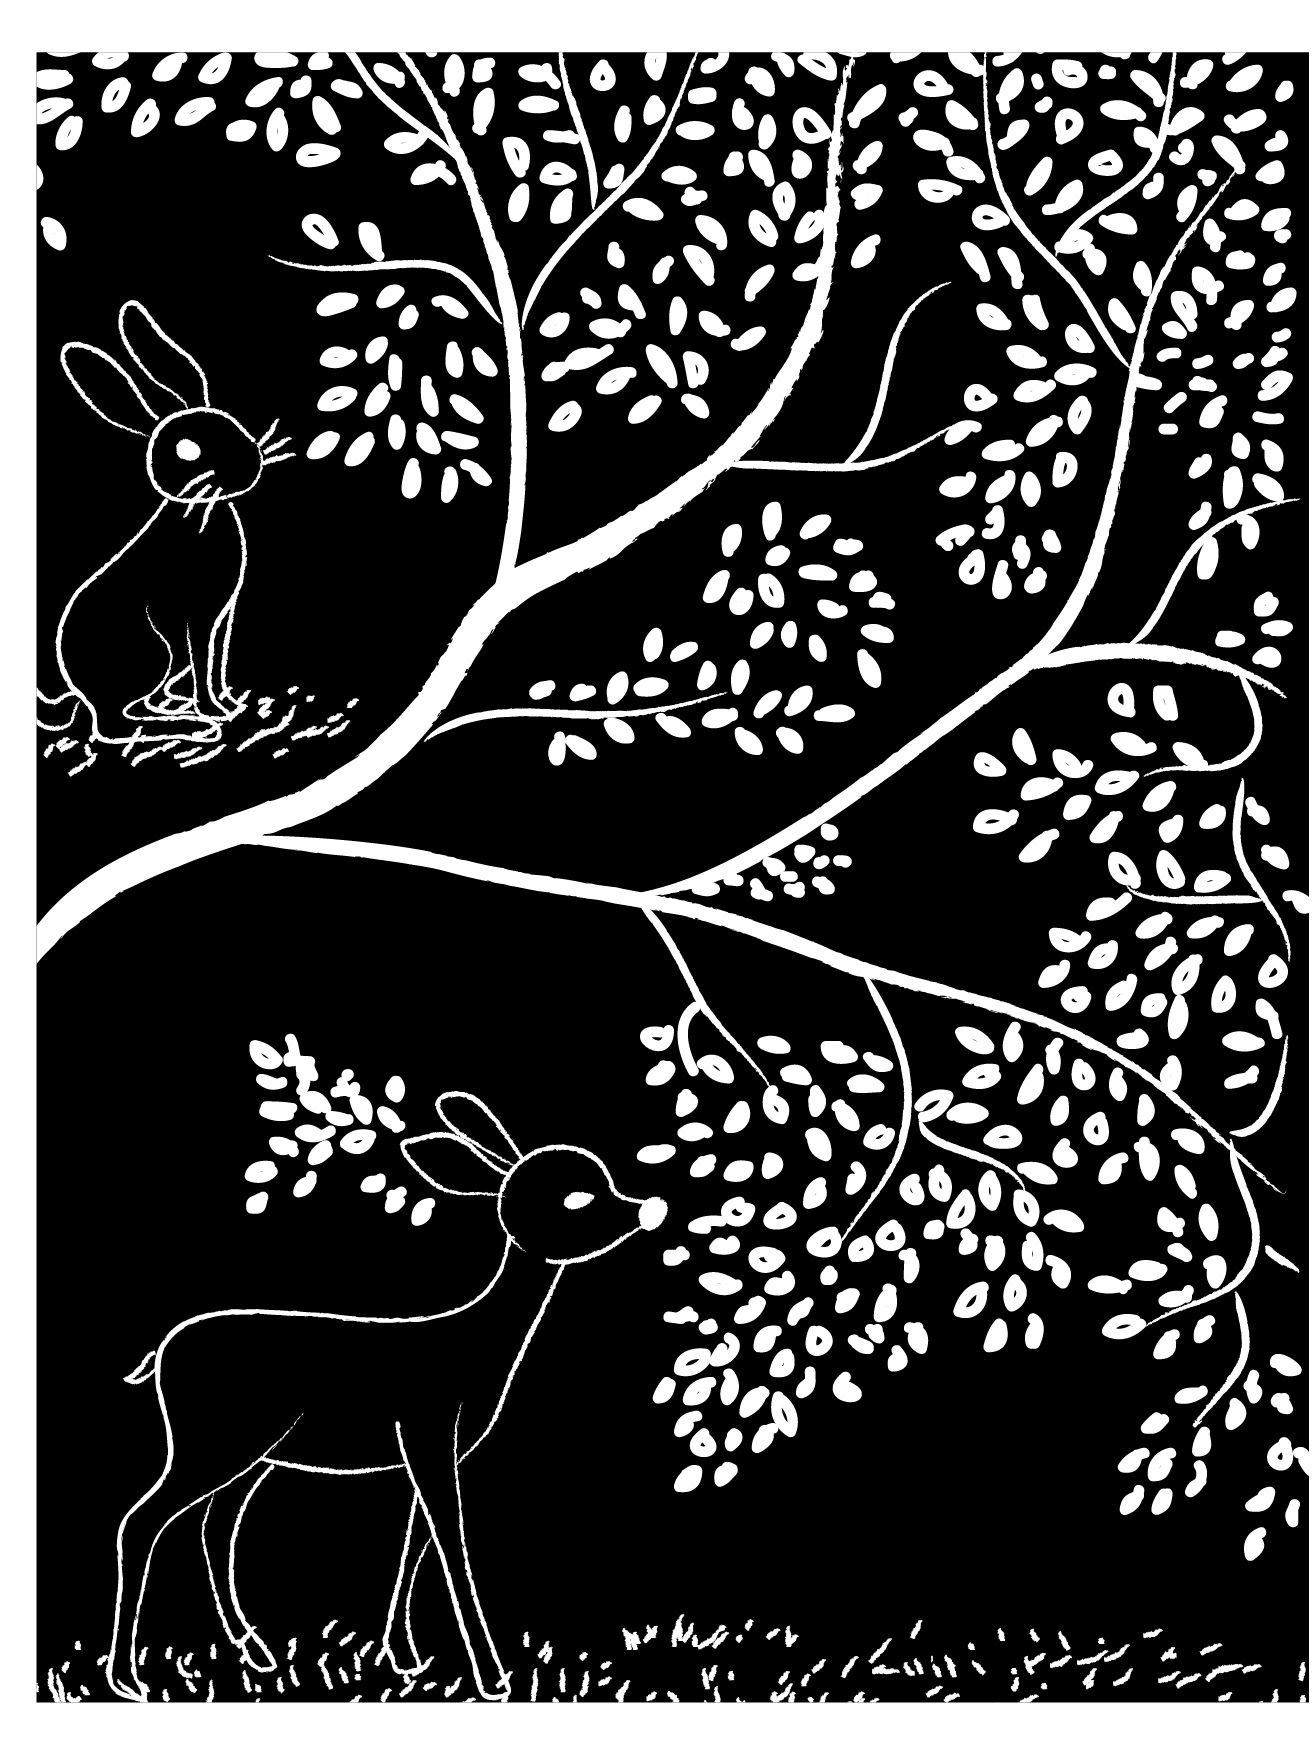 coloriage adulte gratuit disney bambi